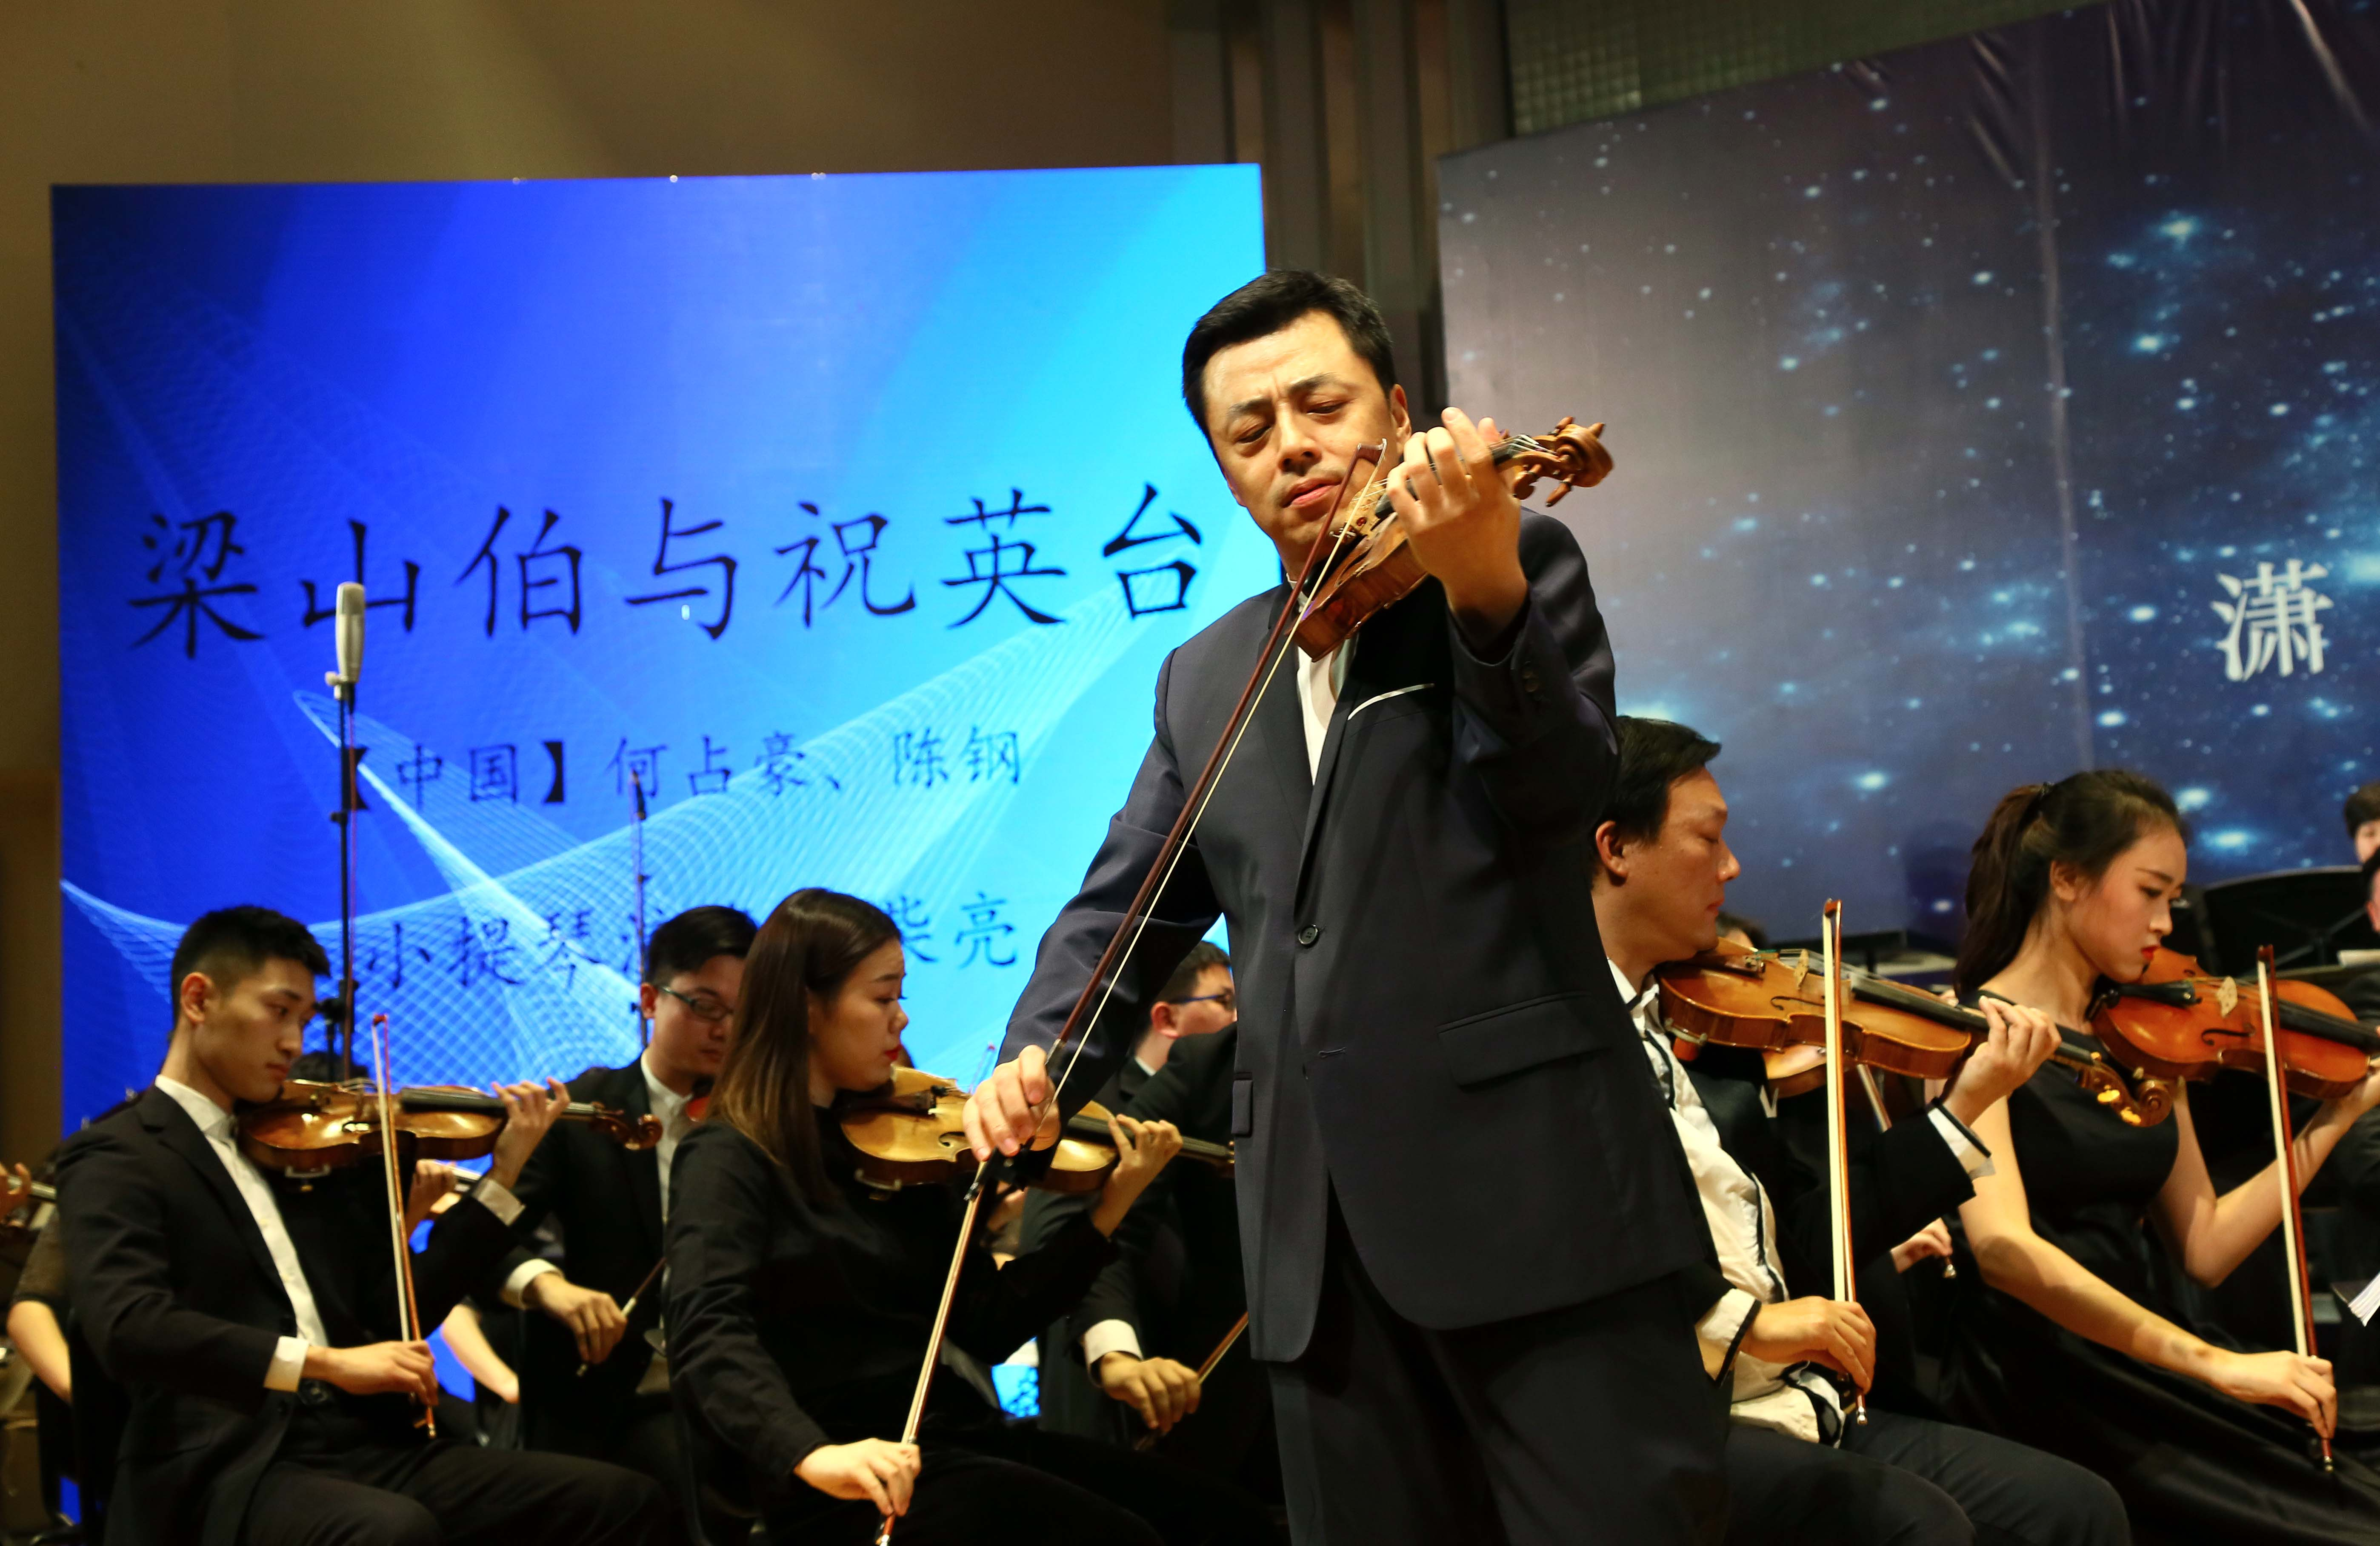 楷林之夜2018新年音乐盛典奏响星城